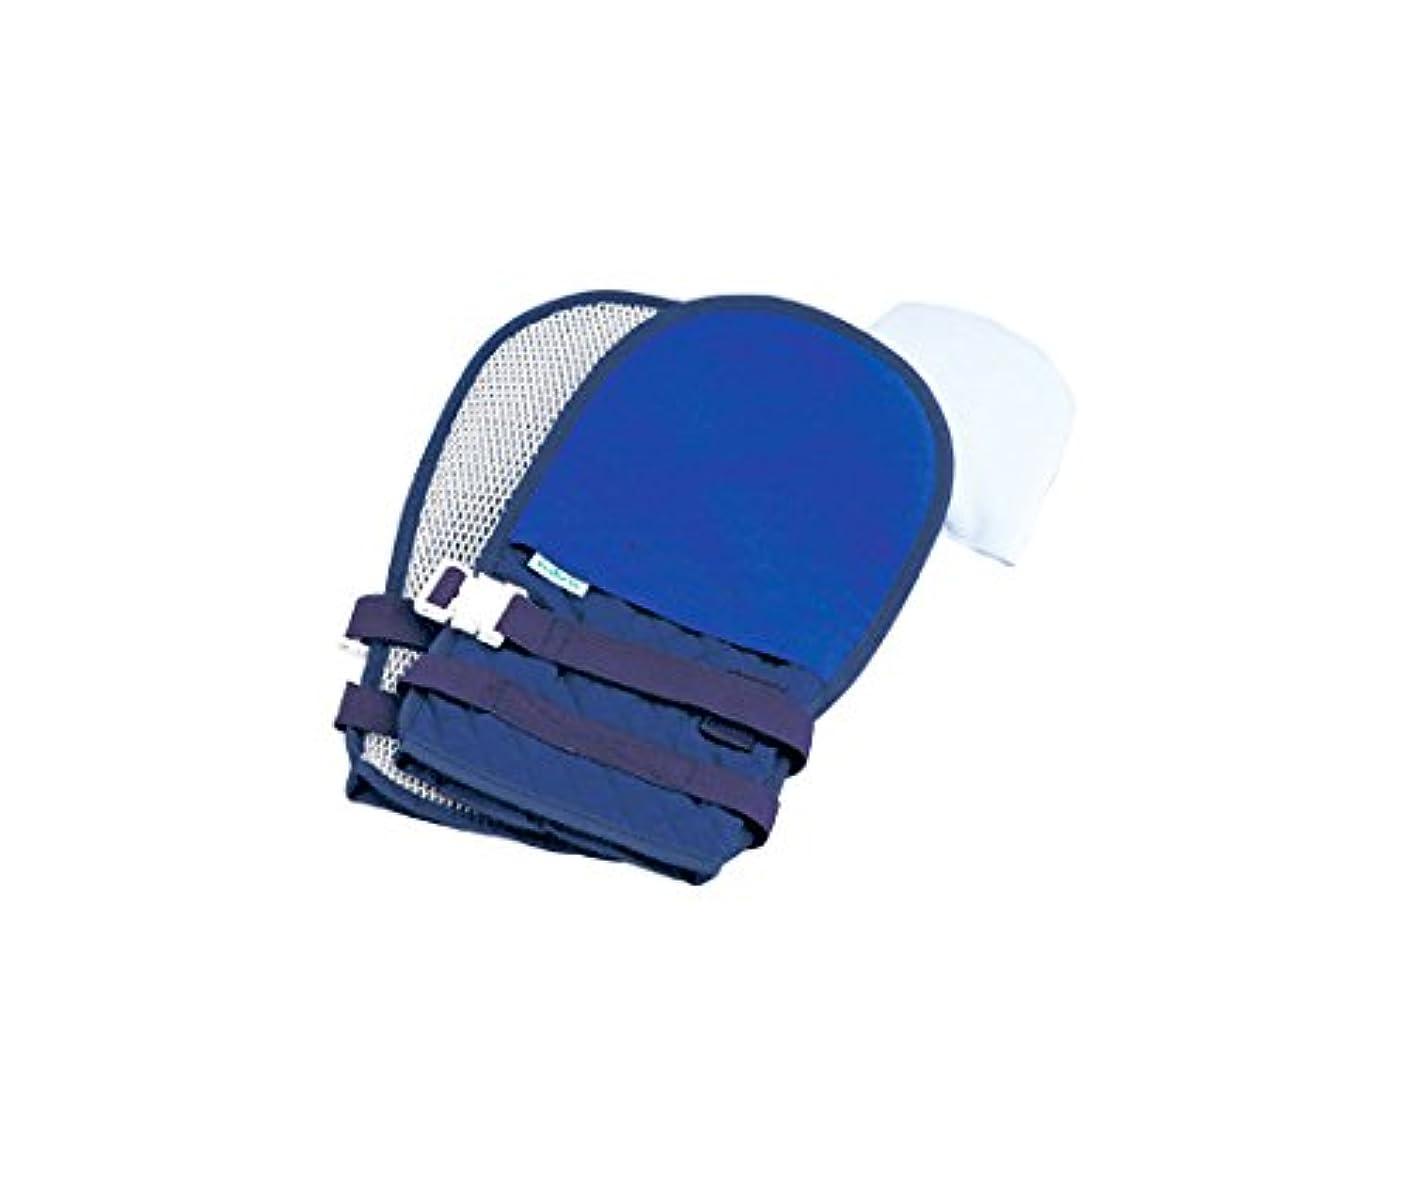 電化するサーバント調整可能ナビス(アズワン)0-1638-62抜管防止手袋中キルティングブルー